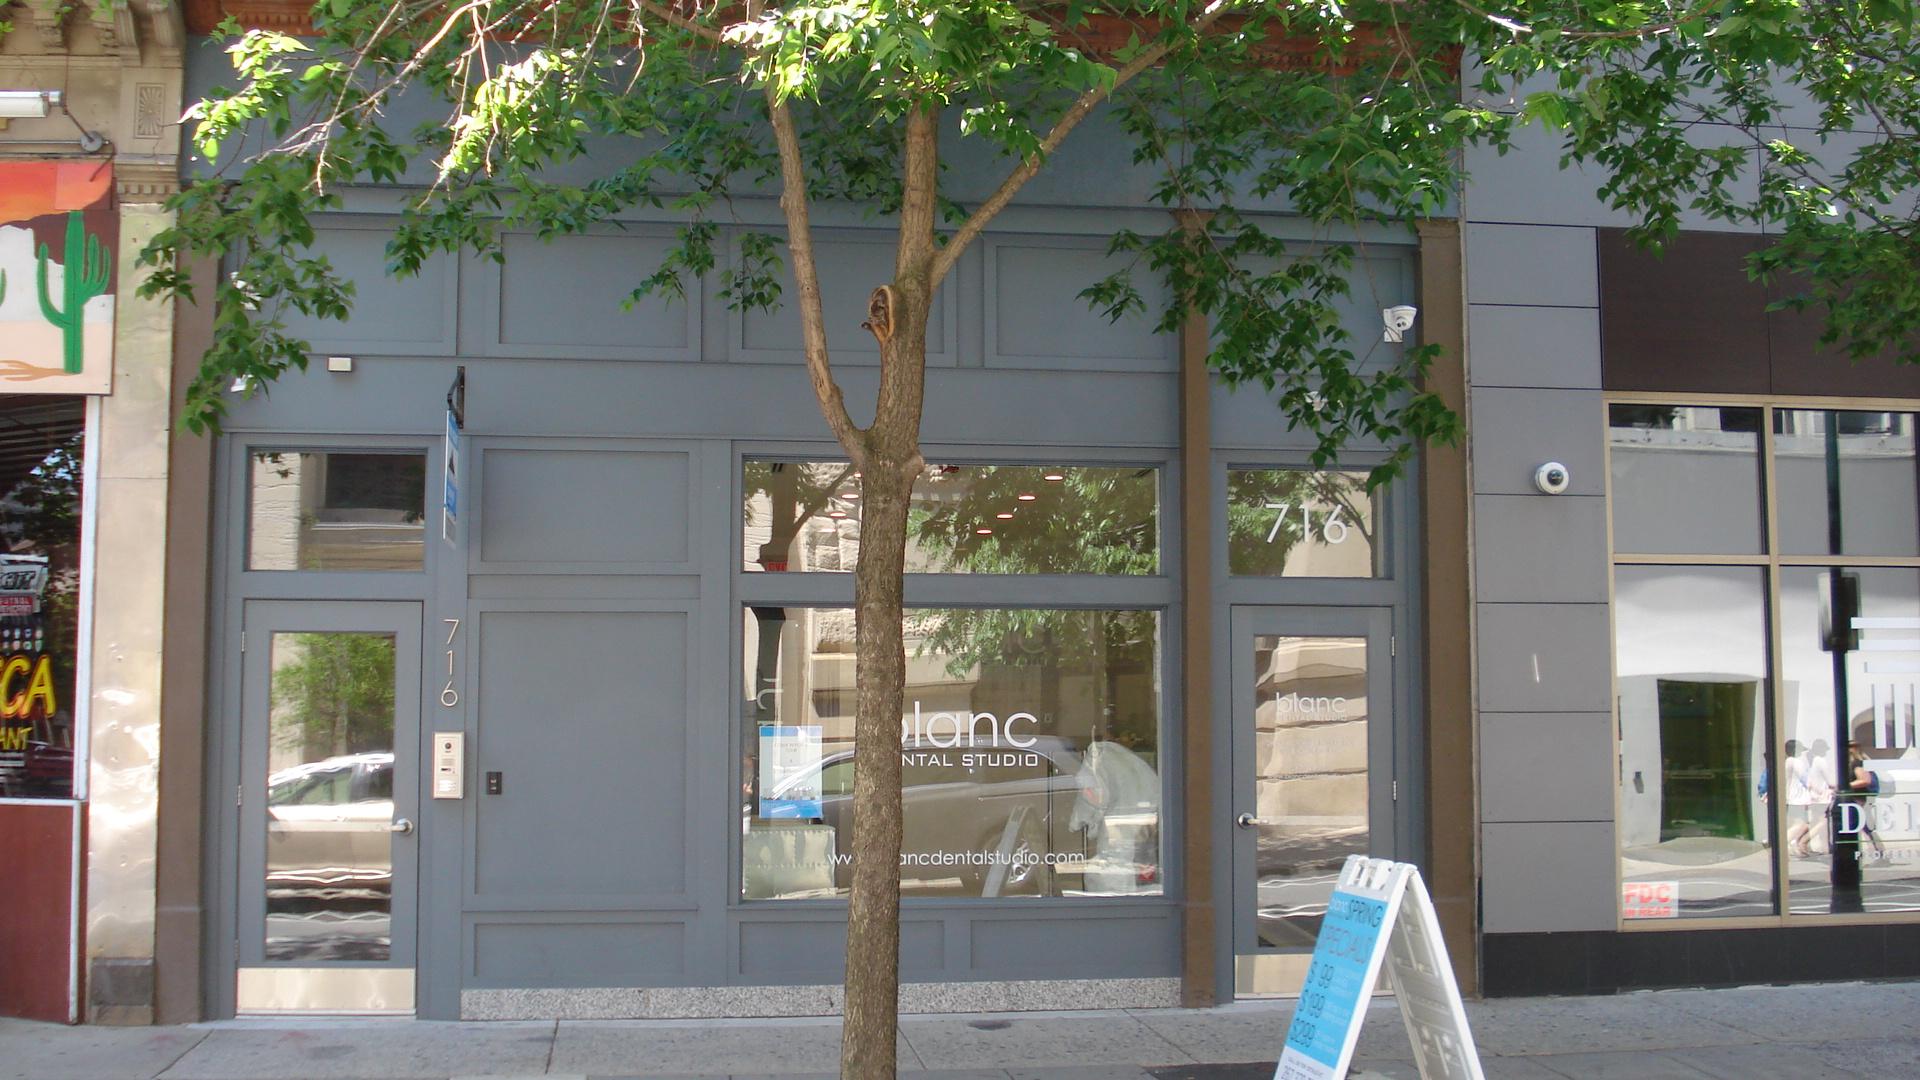 716 Chestnut new storefront.JPG